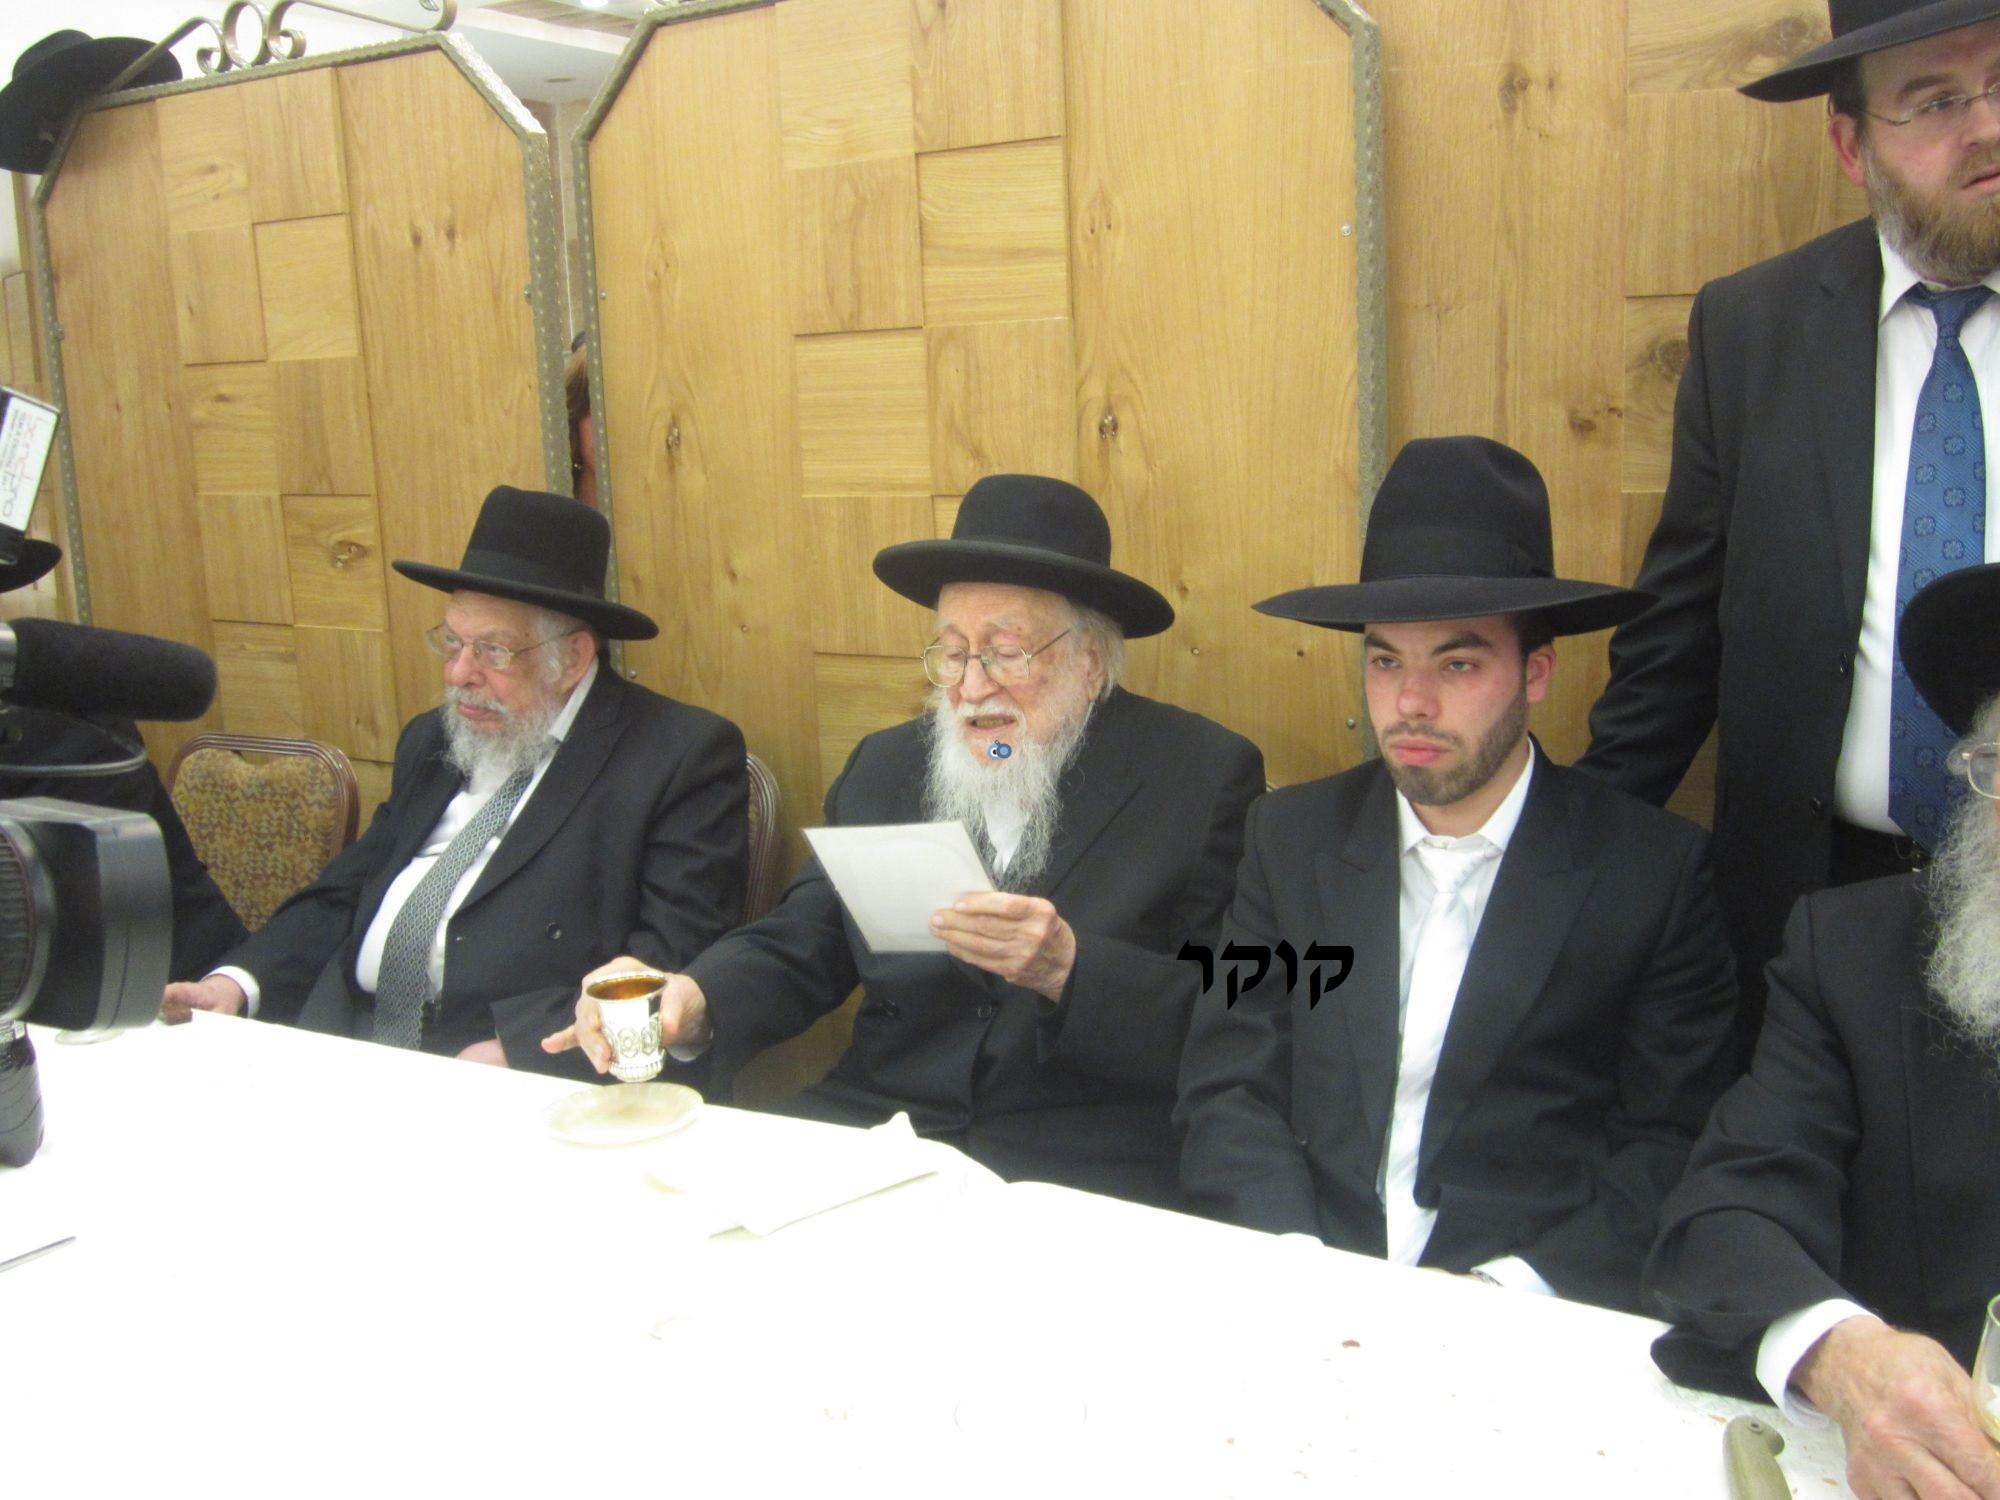 אדמו''ר מ טשערנוביל מטשערנוביל, חתונה, הרב יעקב אדלשטיין אדלשטין (6)